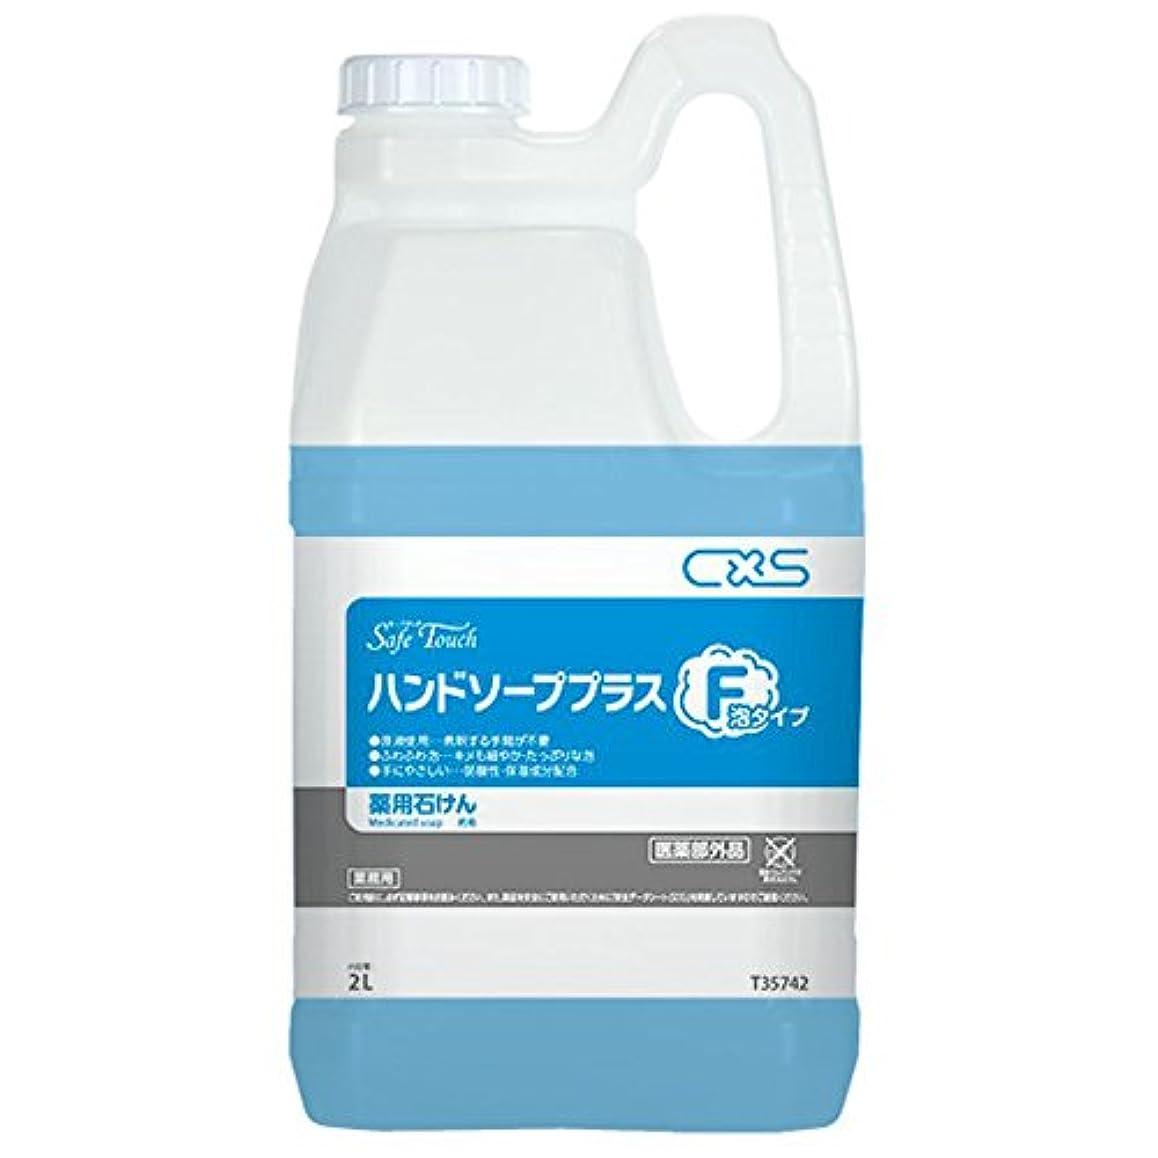 周術期方法論砂利シーバイエス(C×S) 殺菌?消毒用手洗い石けん セーフタッチハンドソーププラスF 2L